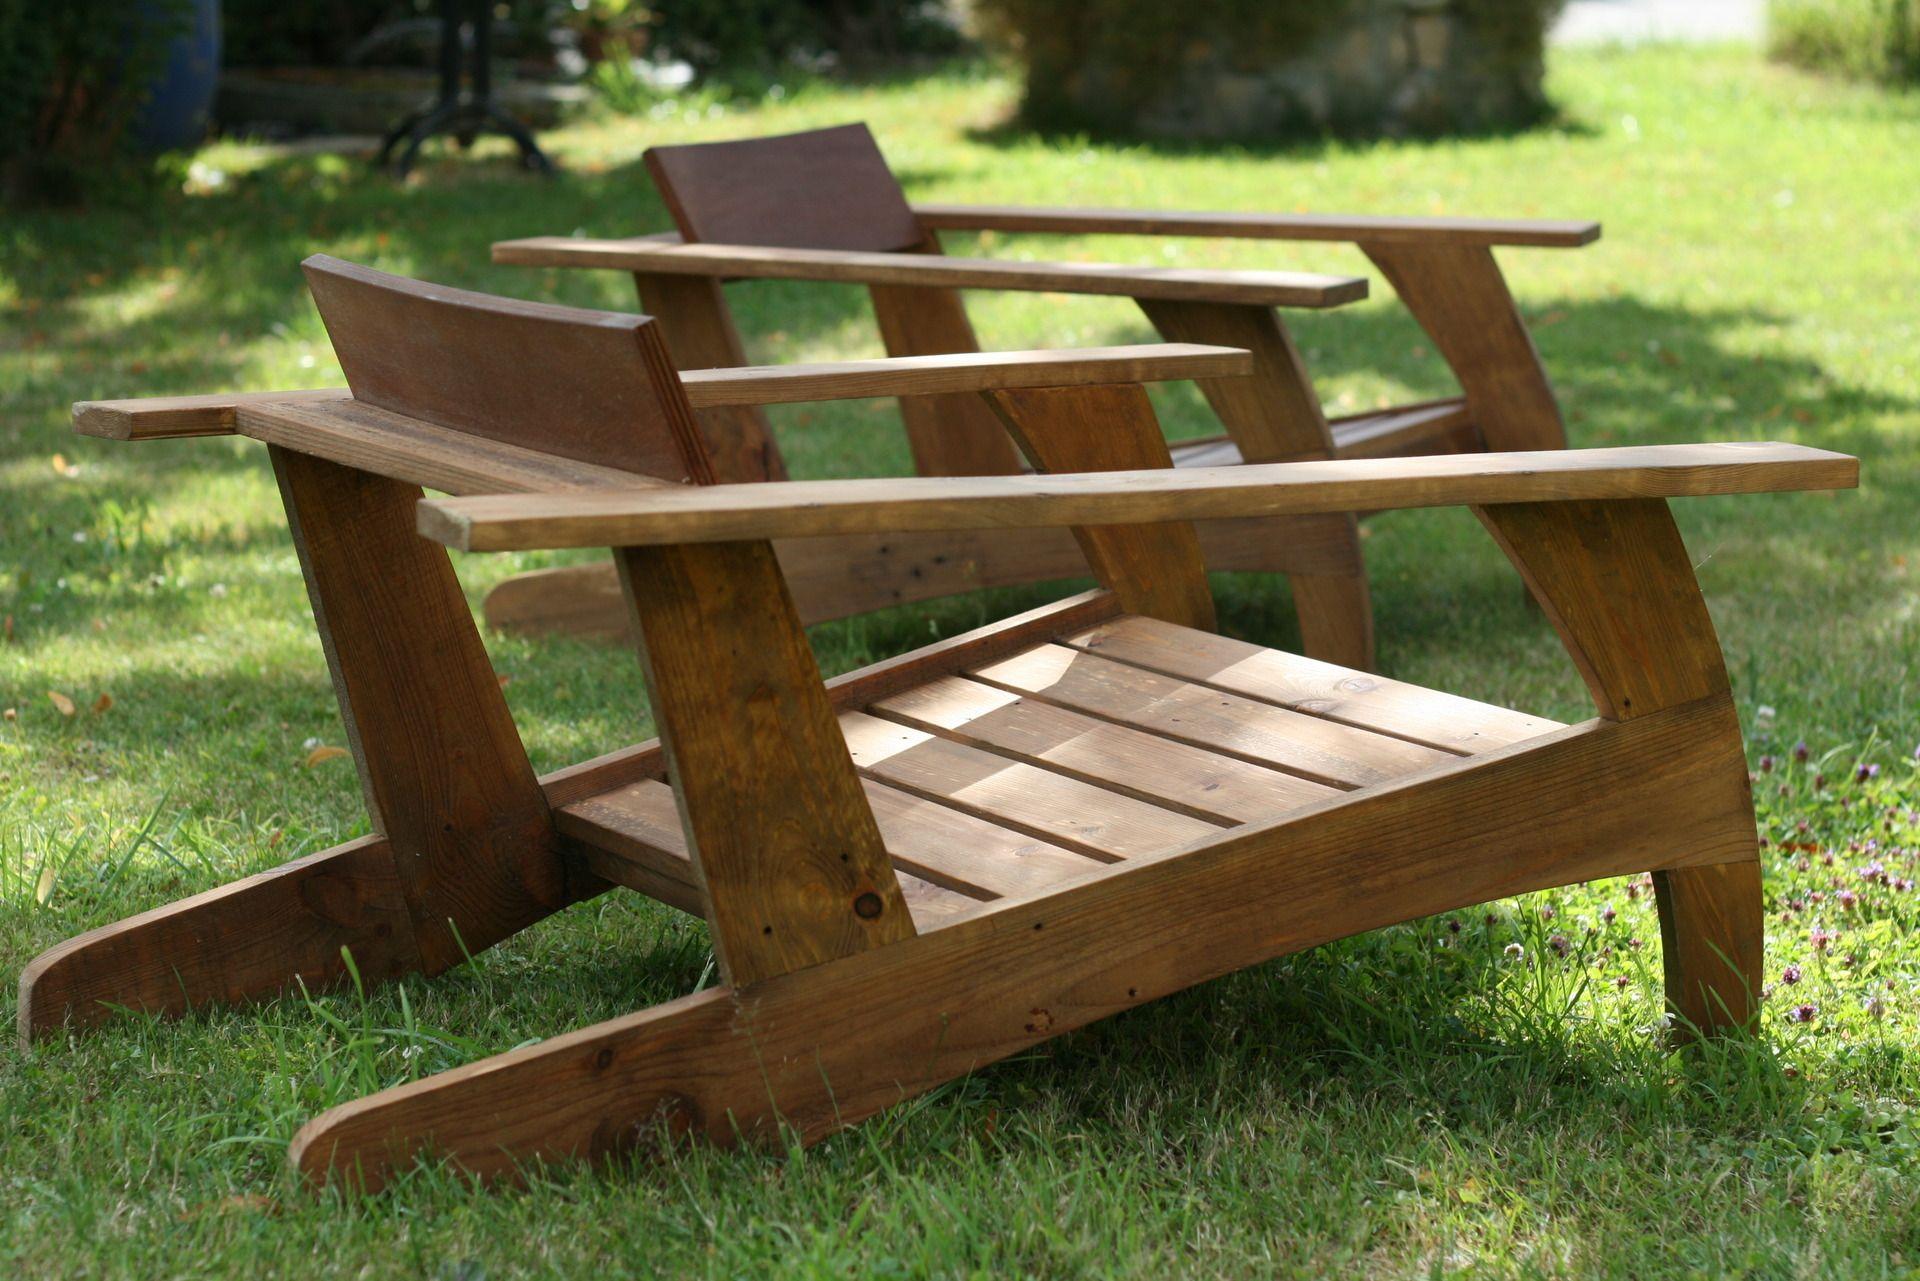 Chaise en bois de palette design annee - Plan chaise de jardin en palette ...